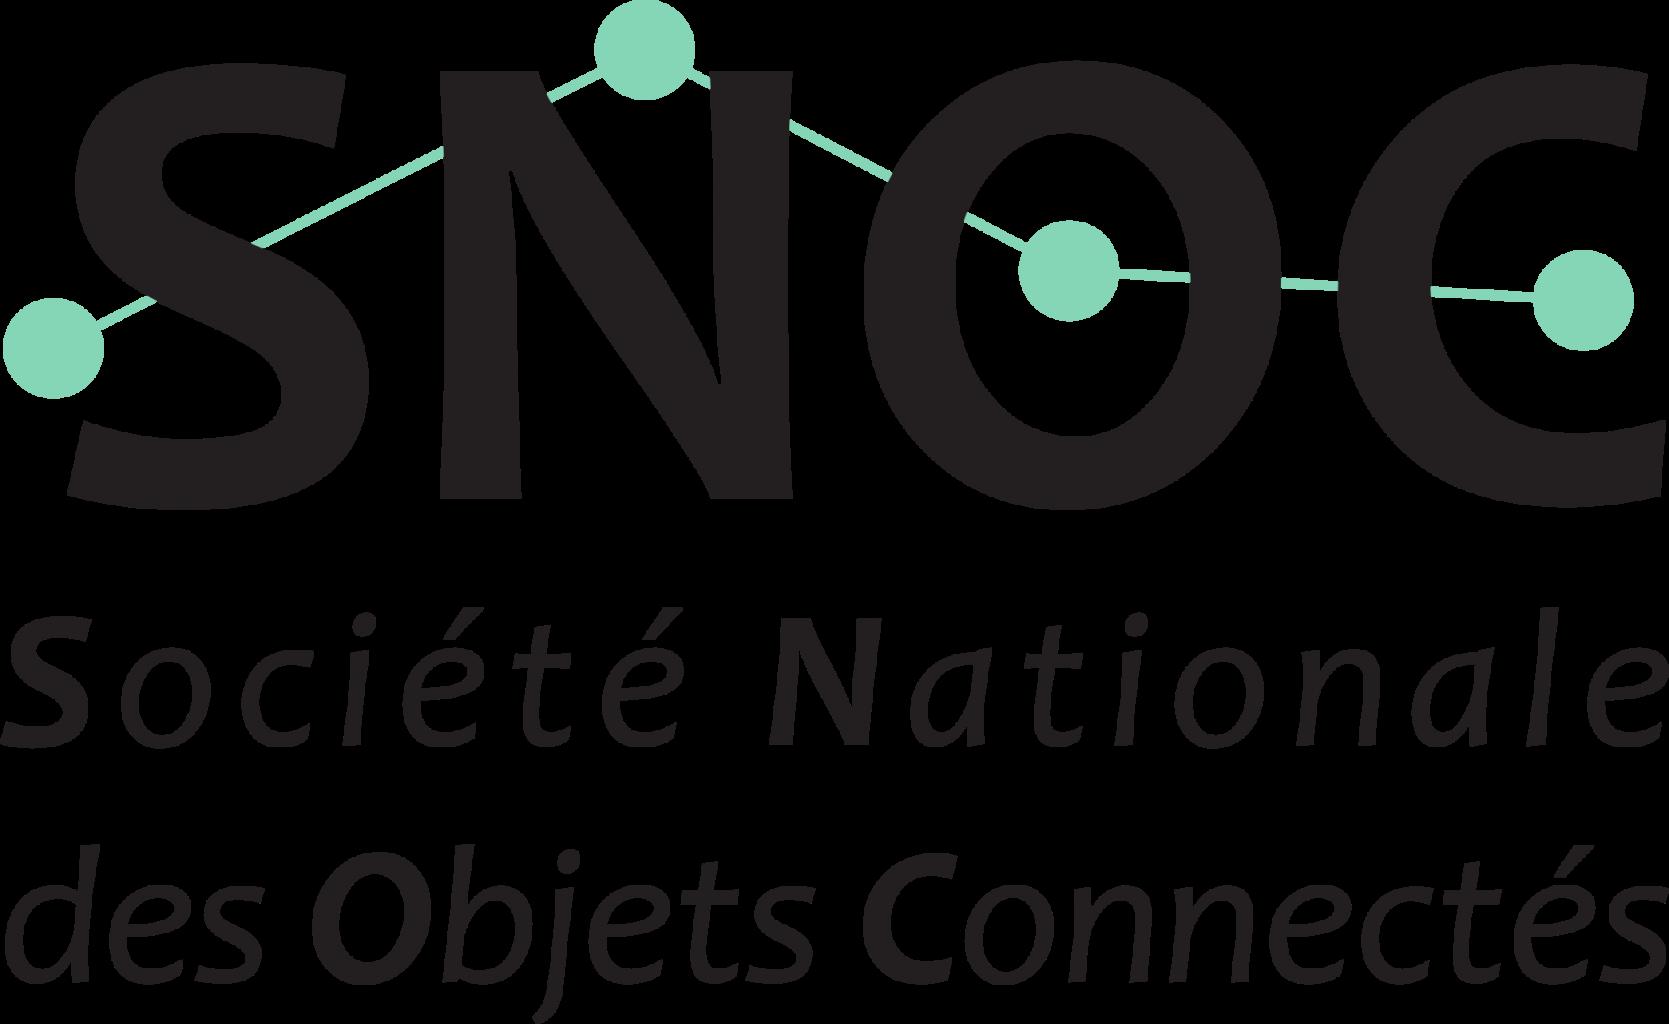 Snoc – Société Nationale des Objets Connectés